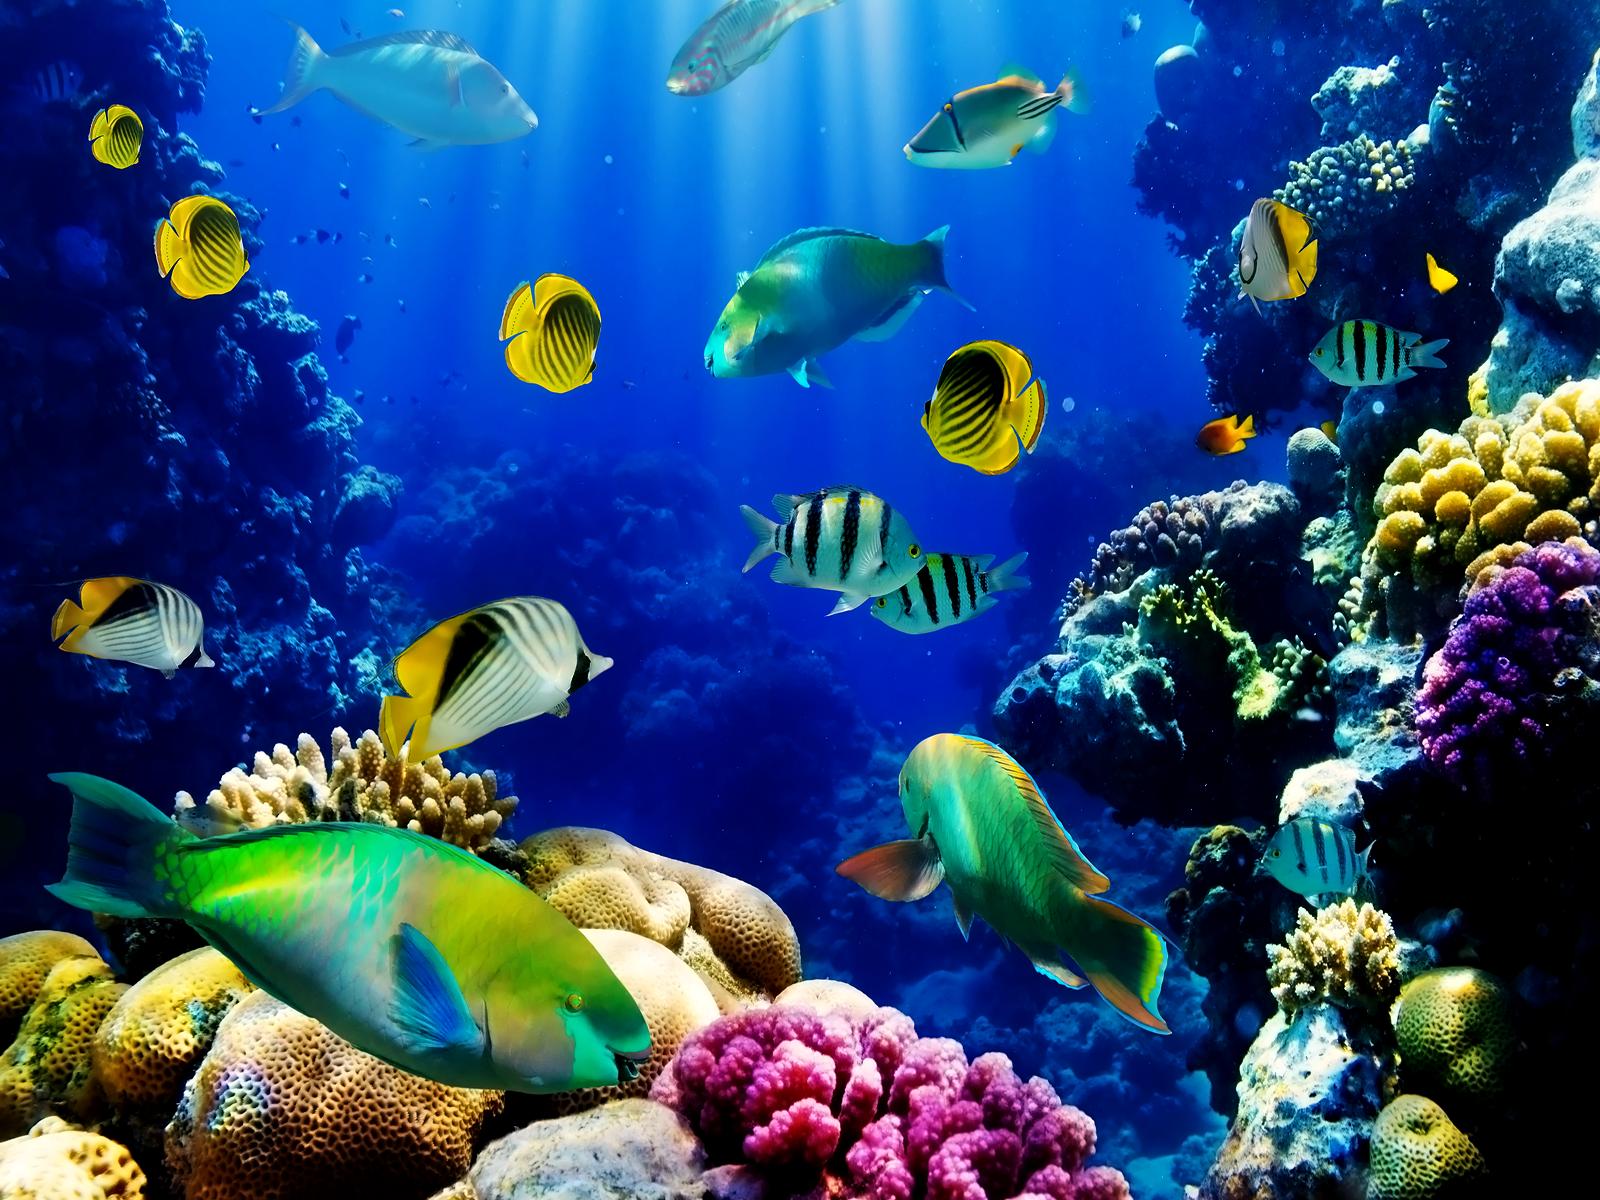 Fish in aquarium desktop wallpaper - 3d Live Fish Wallpaper Fish Tank Live Wallpaper